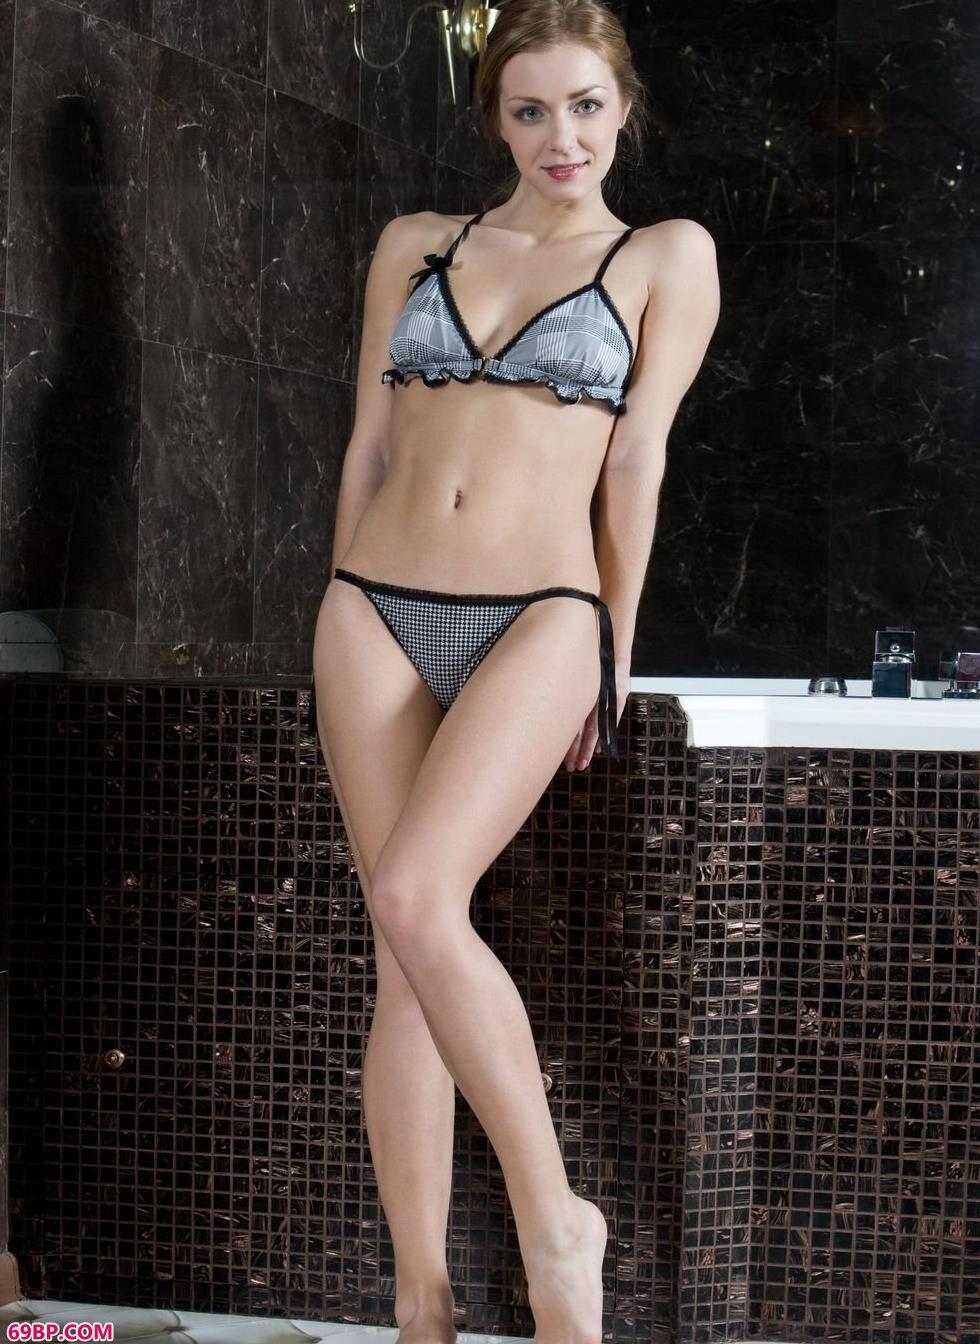 嫩模Sharon浴缸里的魅惑人体_极品人体西西44f大尺度